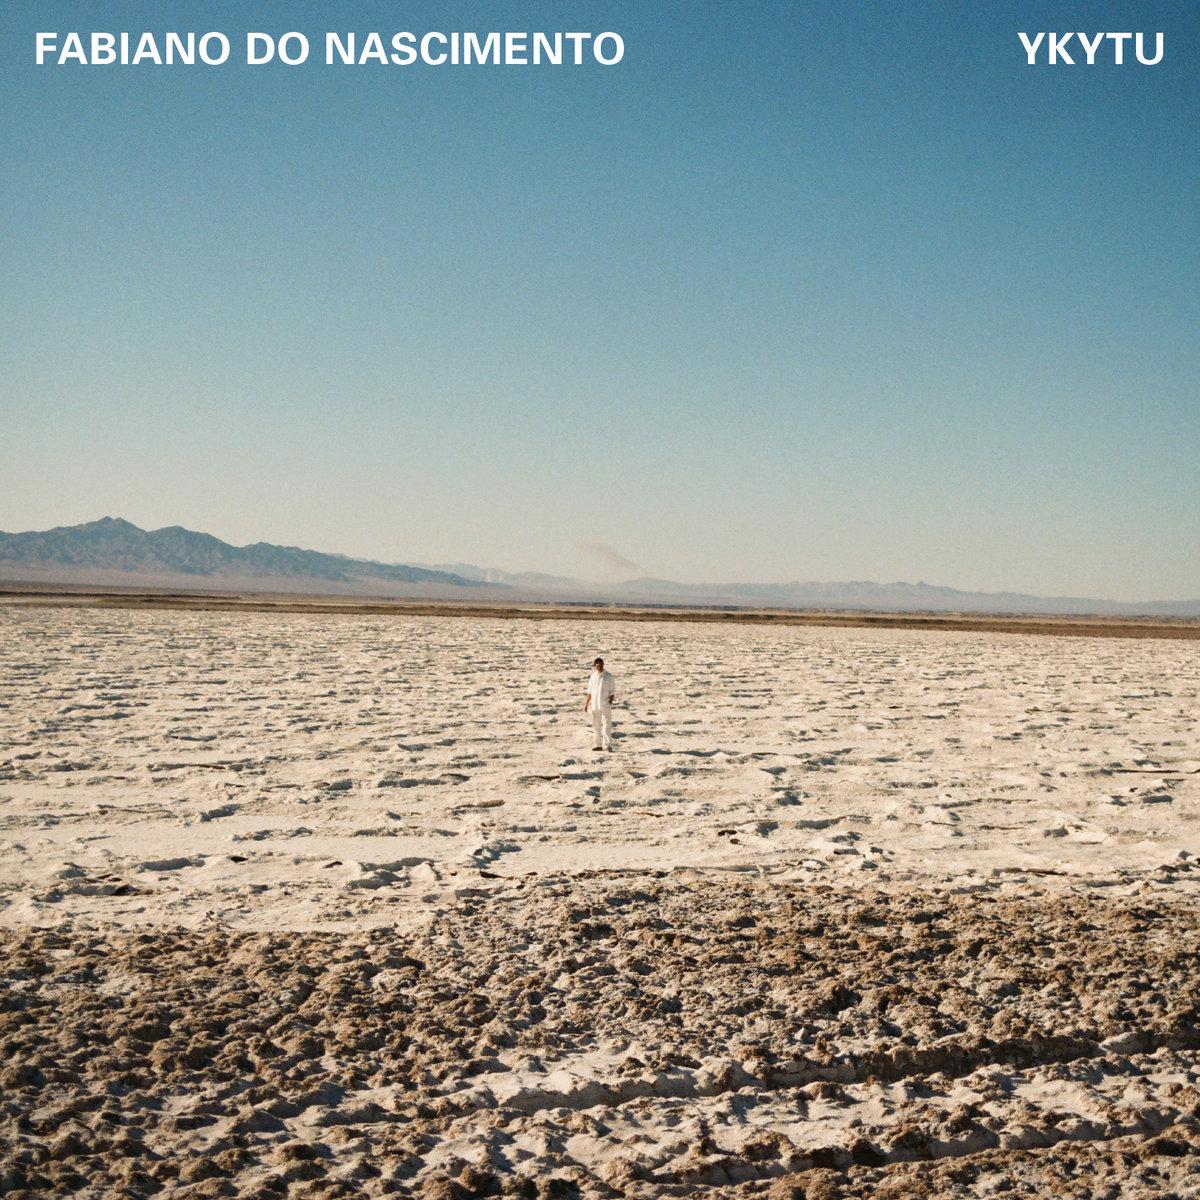 Fabiano do Nascimento | Ykytu